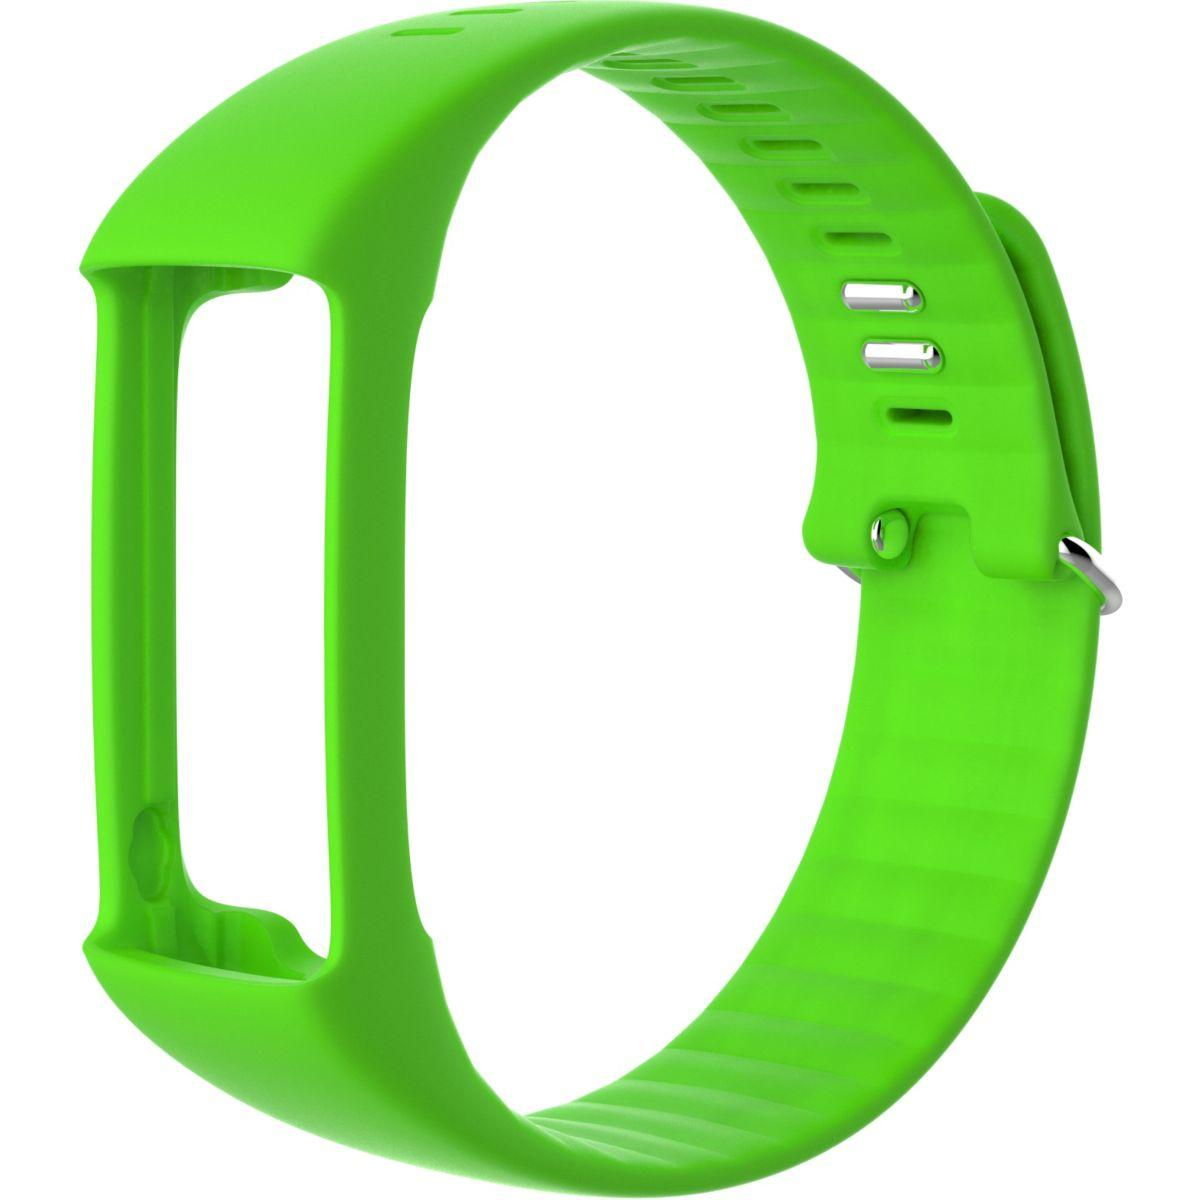 Bracelet montre polar a360 vert m - 5% de remise immédiate avec le code : top5 (photo)